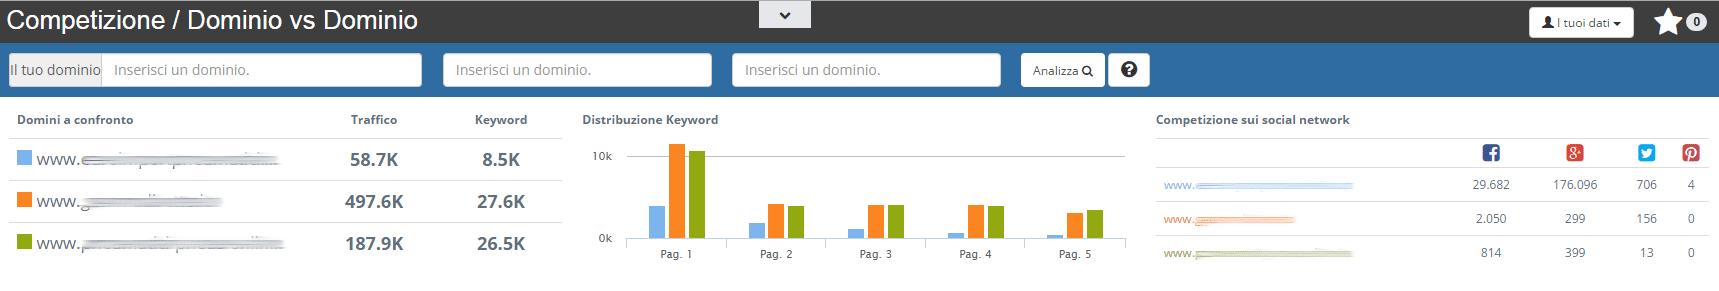 Dati del confronto tra domini e analisi della concorrenza